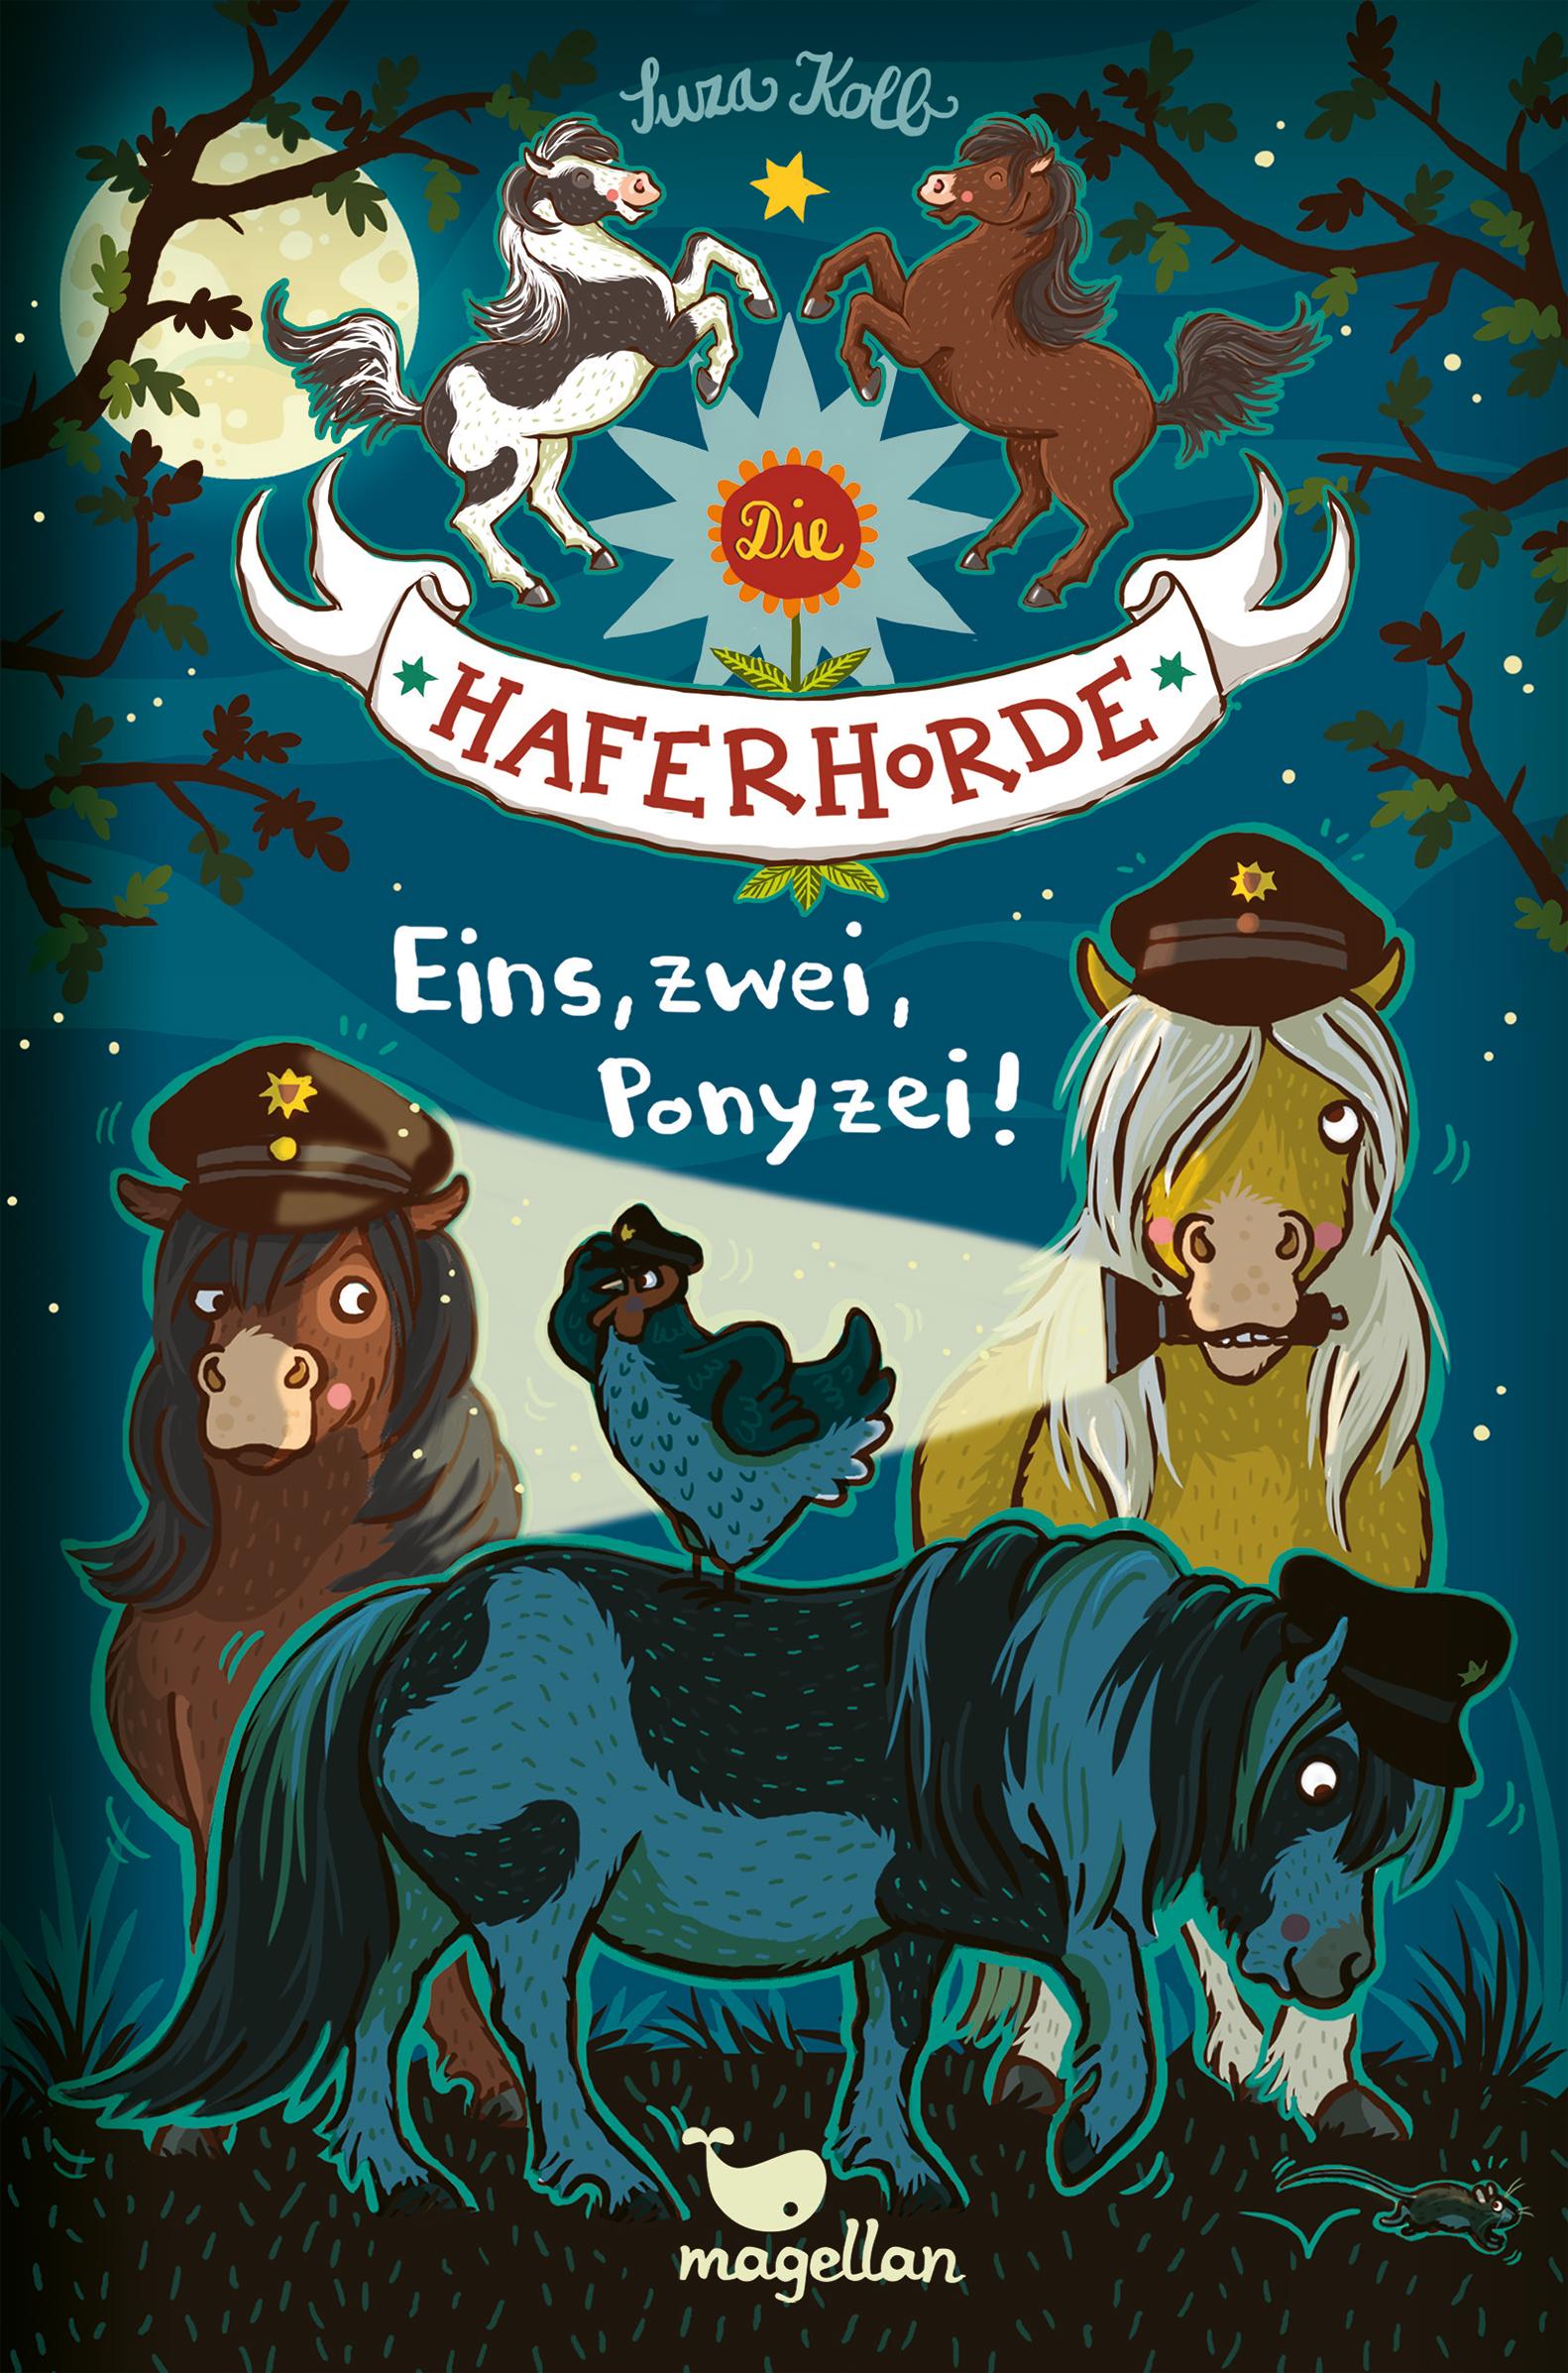 Die Haferhorde – Eins, zwei, Ponyzei!